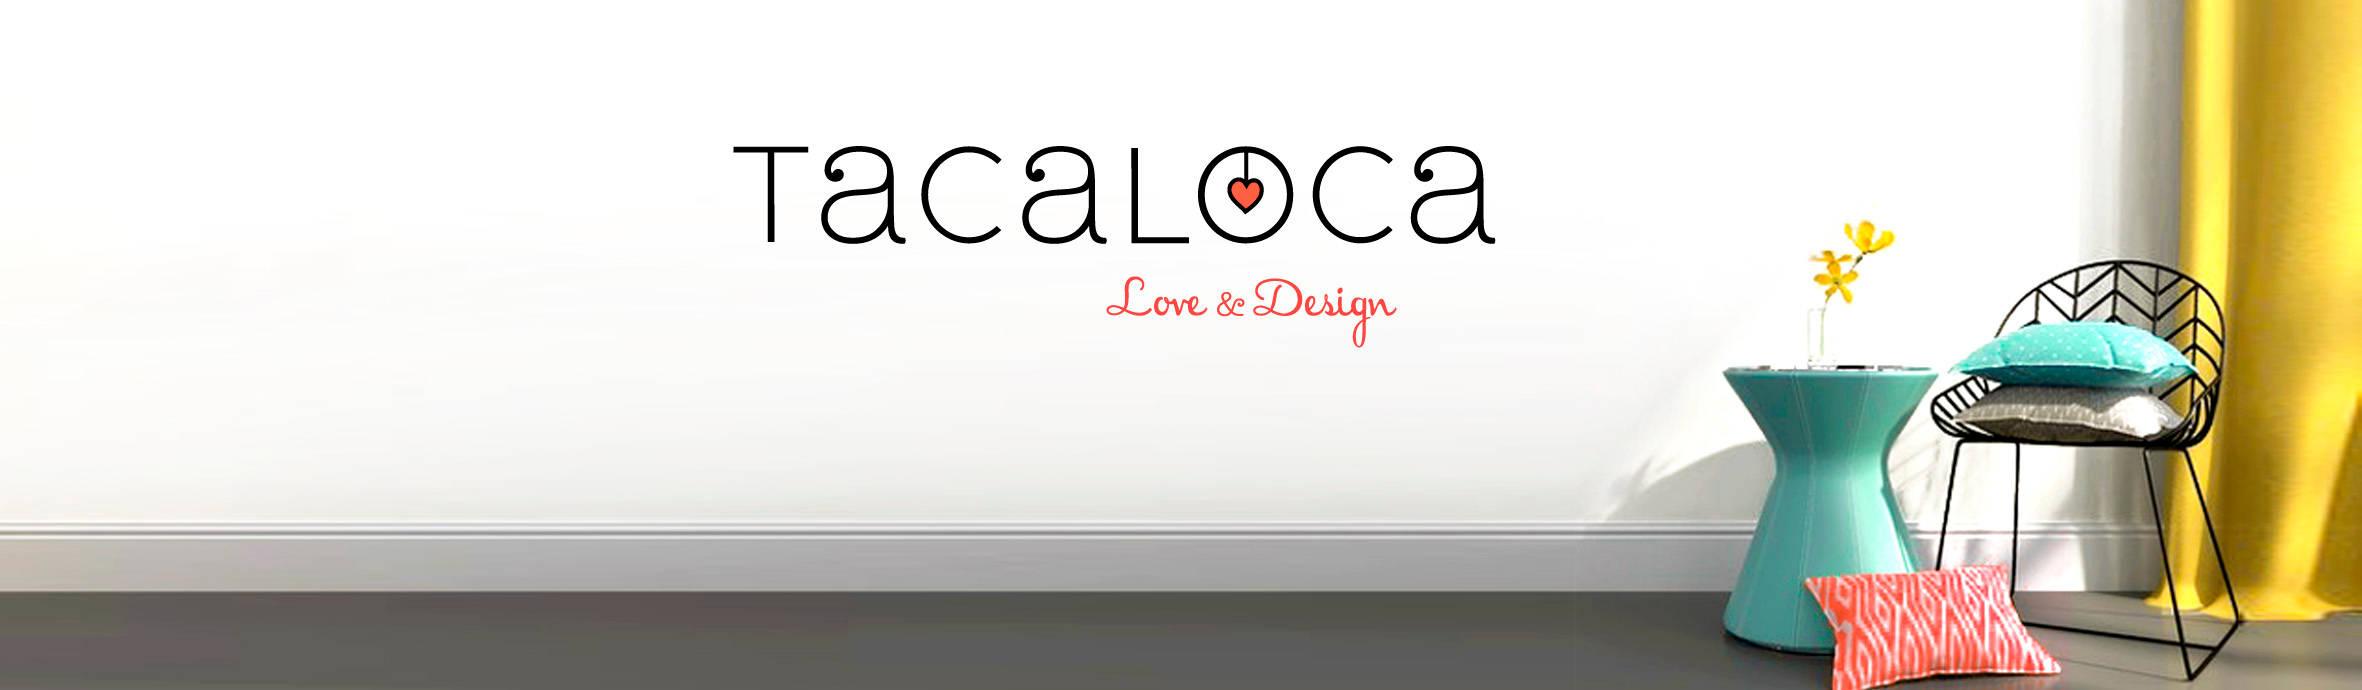 Tacaloca